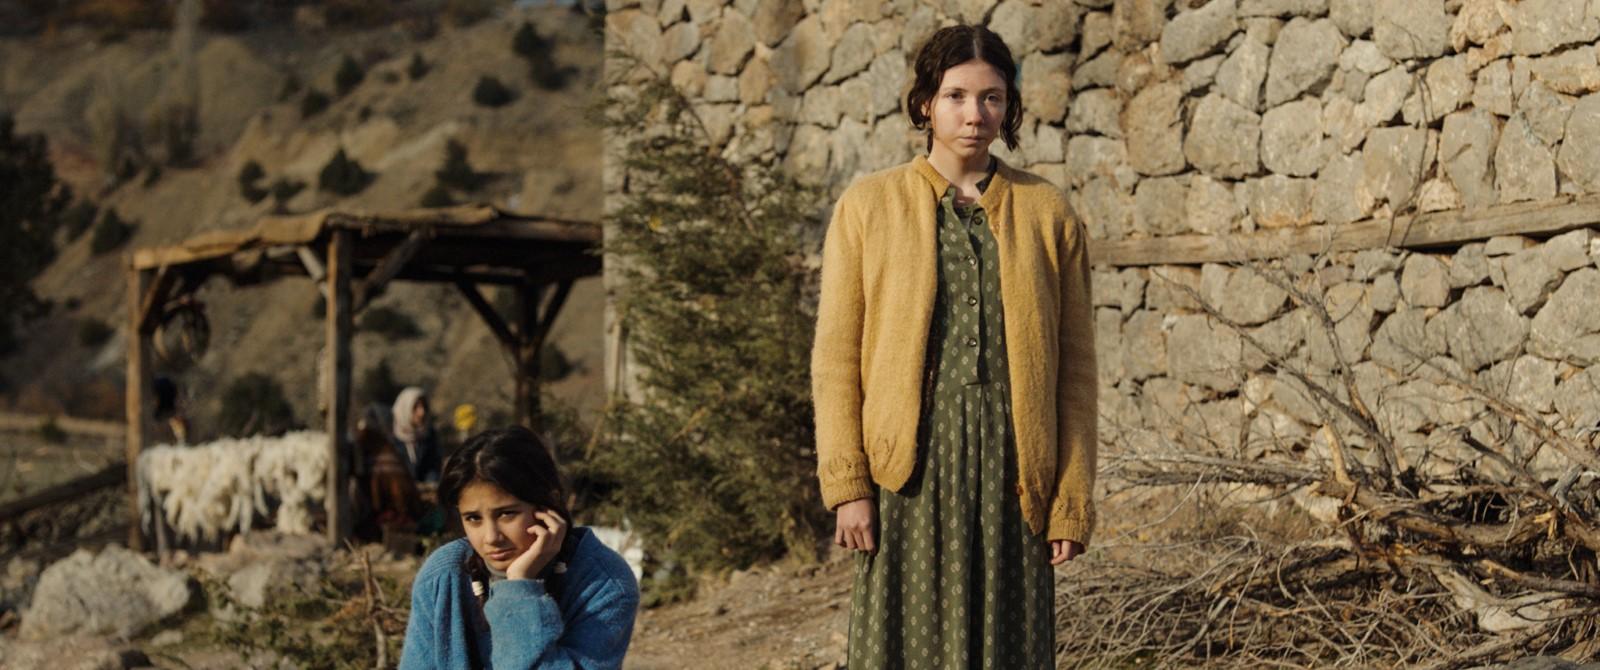 Kız Kardeşler Filmi Konusu Nedir